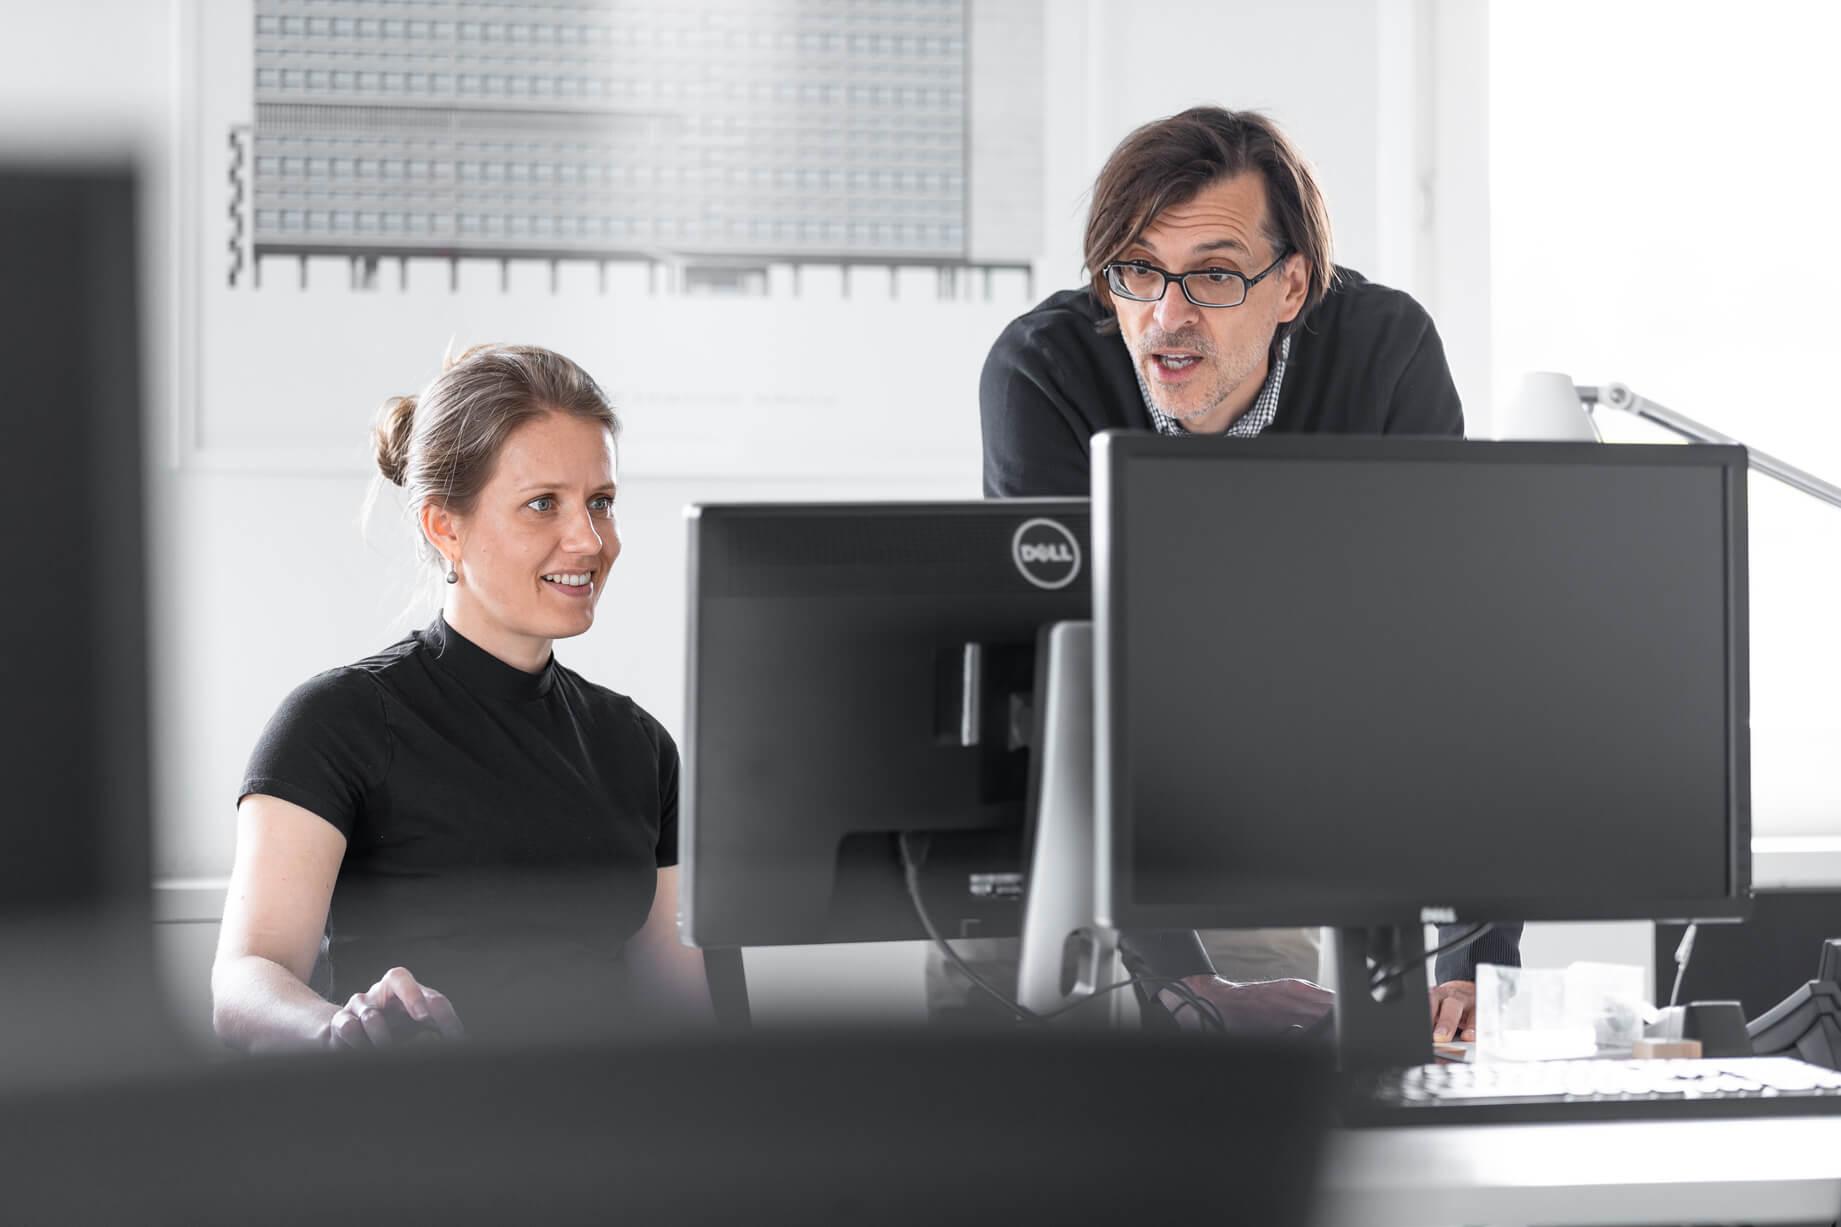 Christoph Lüscher in einer Besprechung über ein Projekt Lüscher-Lüscher Architekten